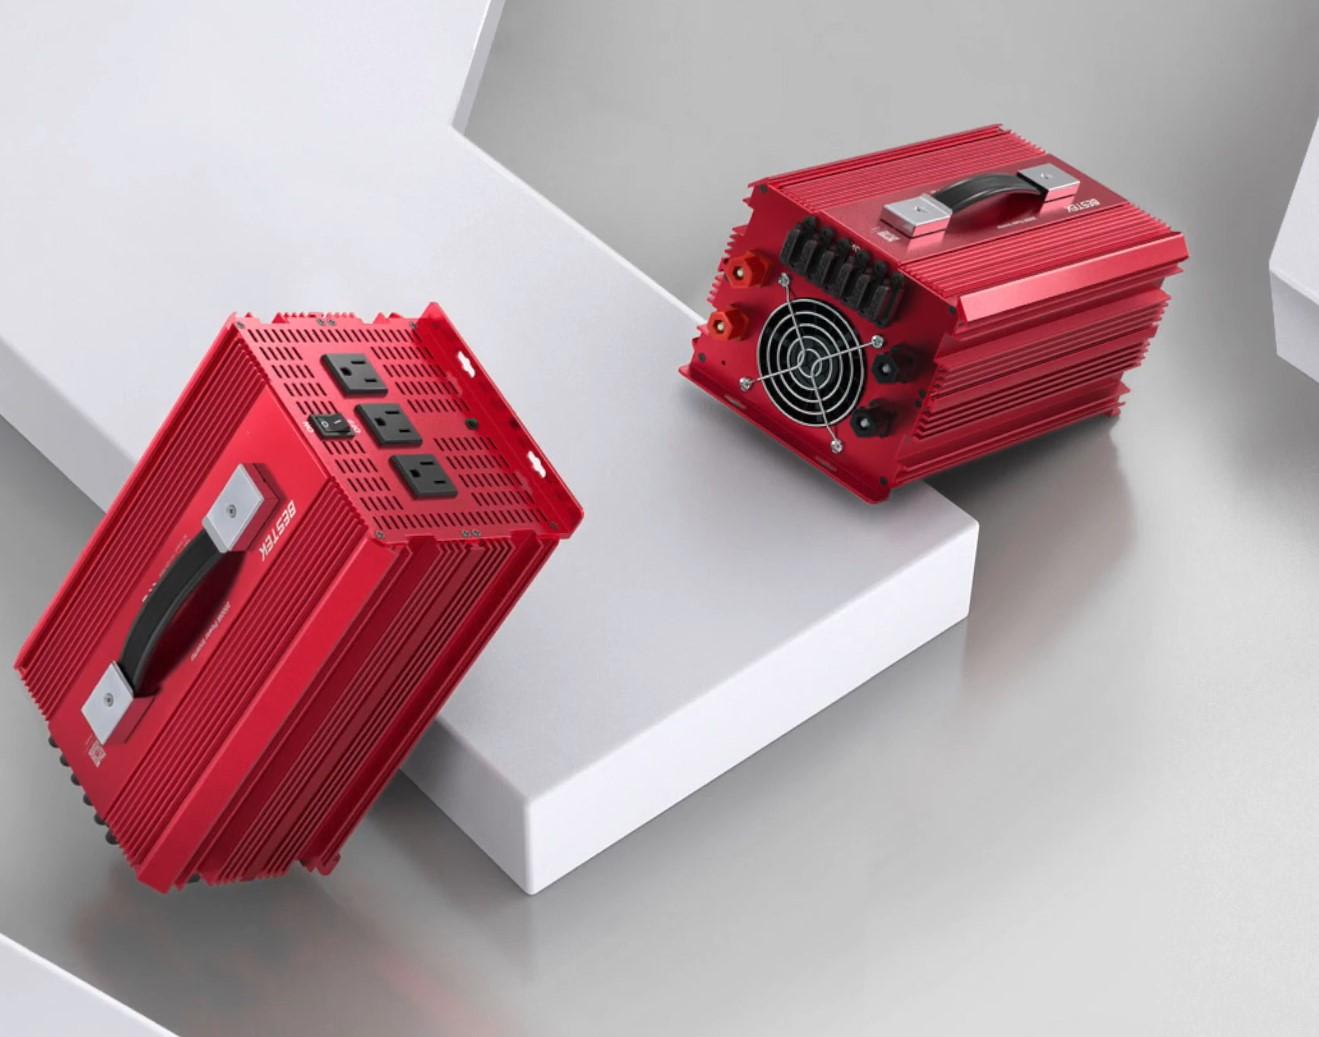 Best Power Inverter For Home